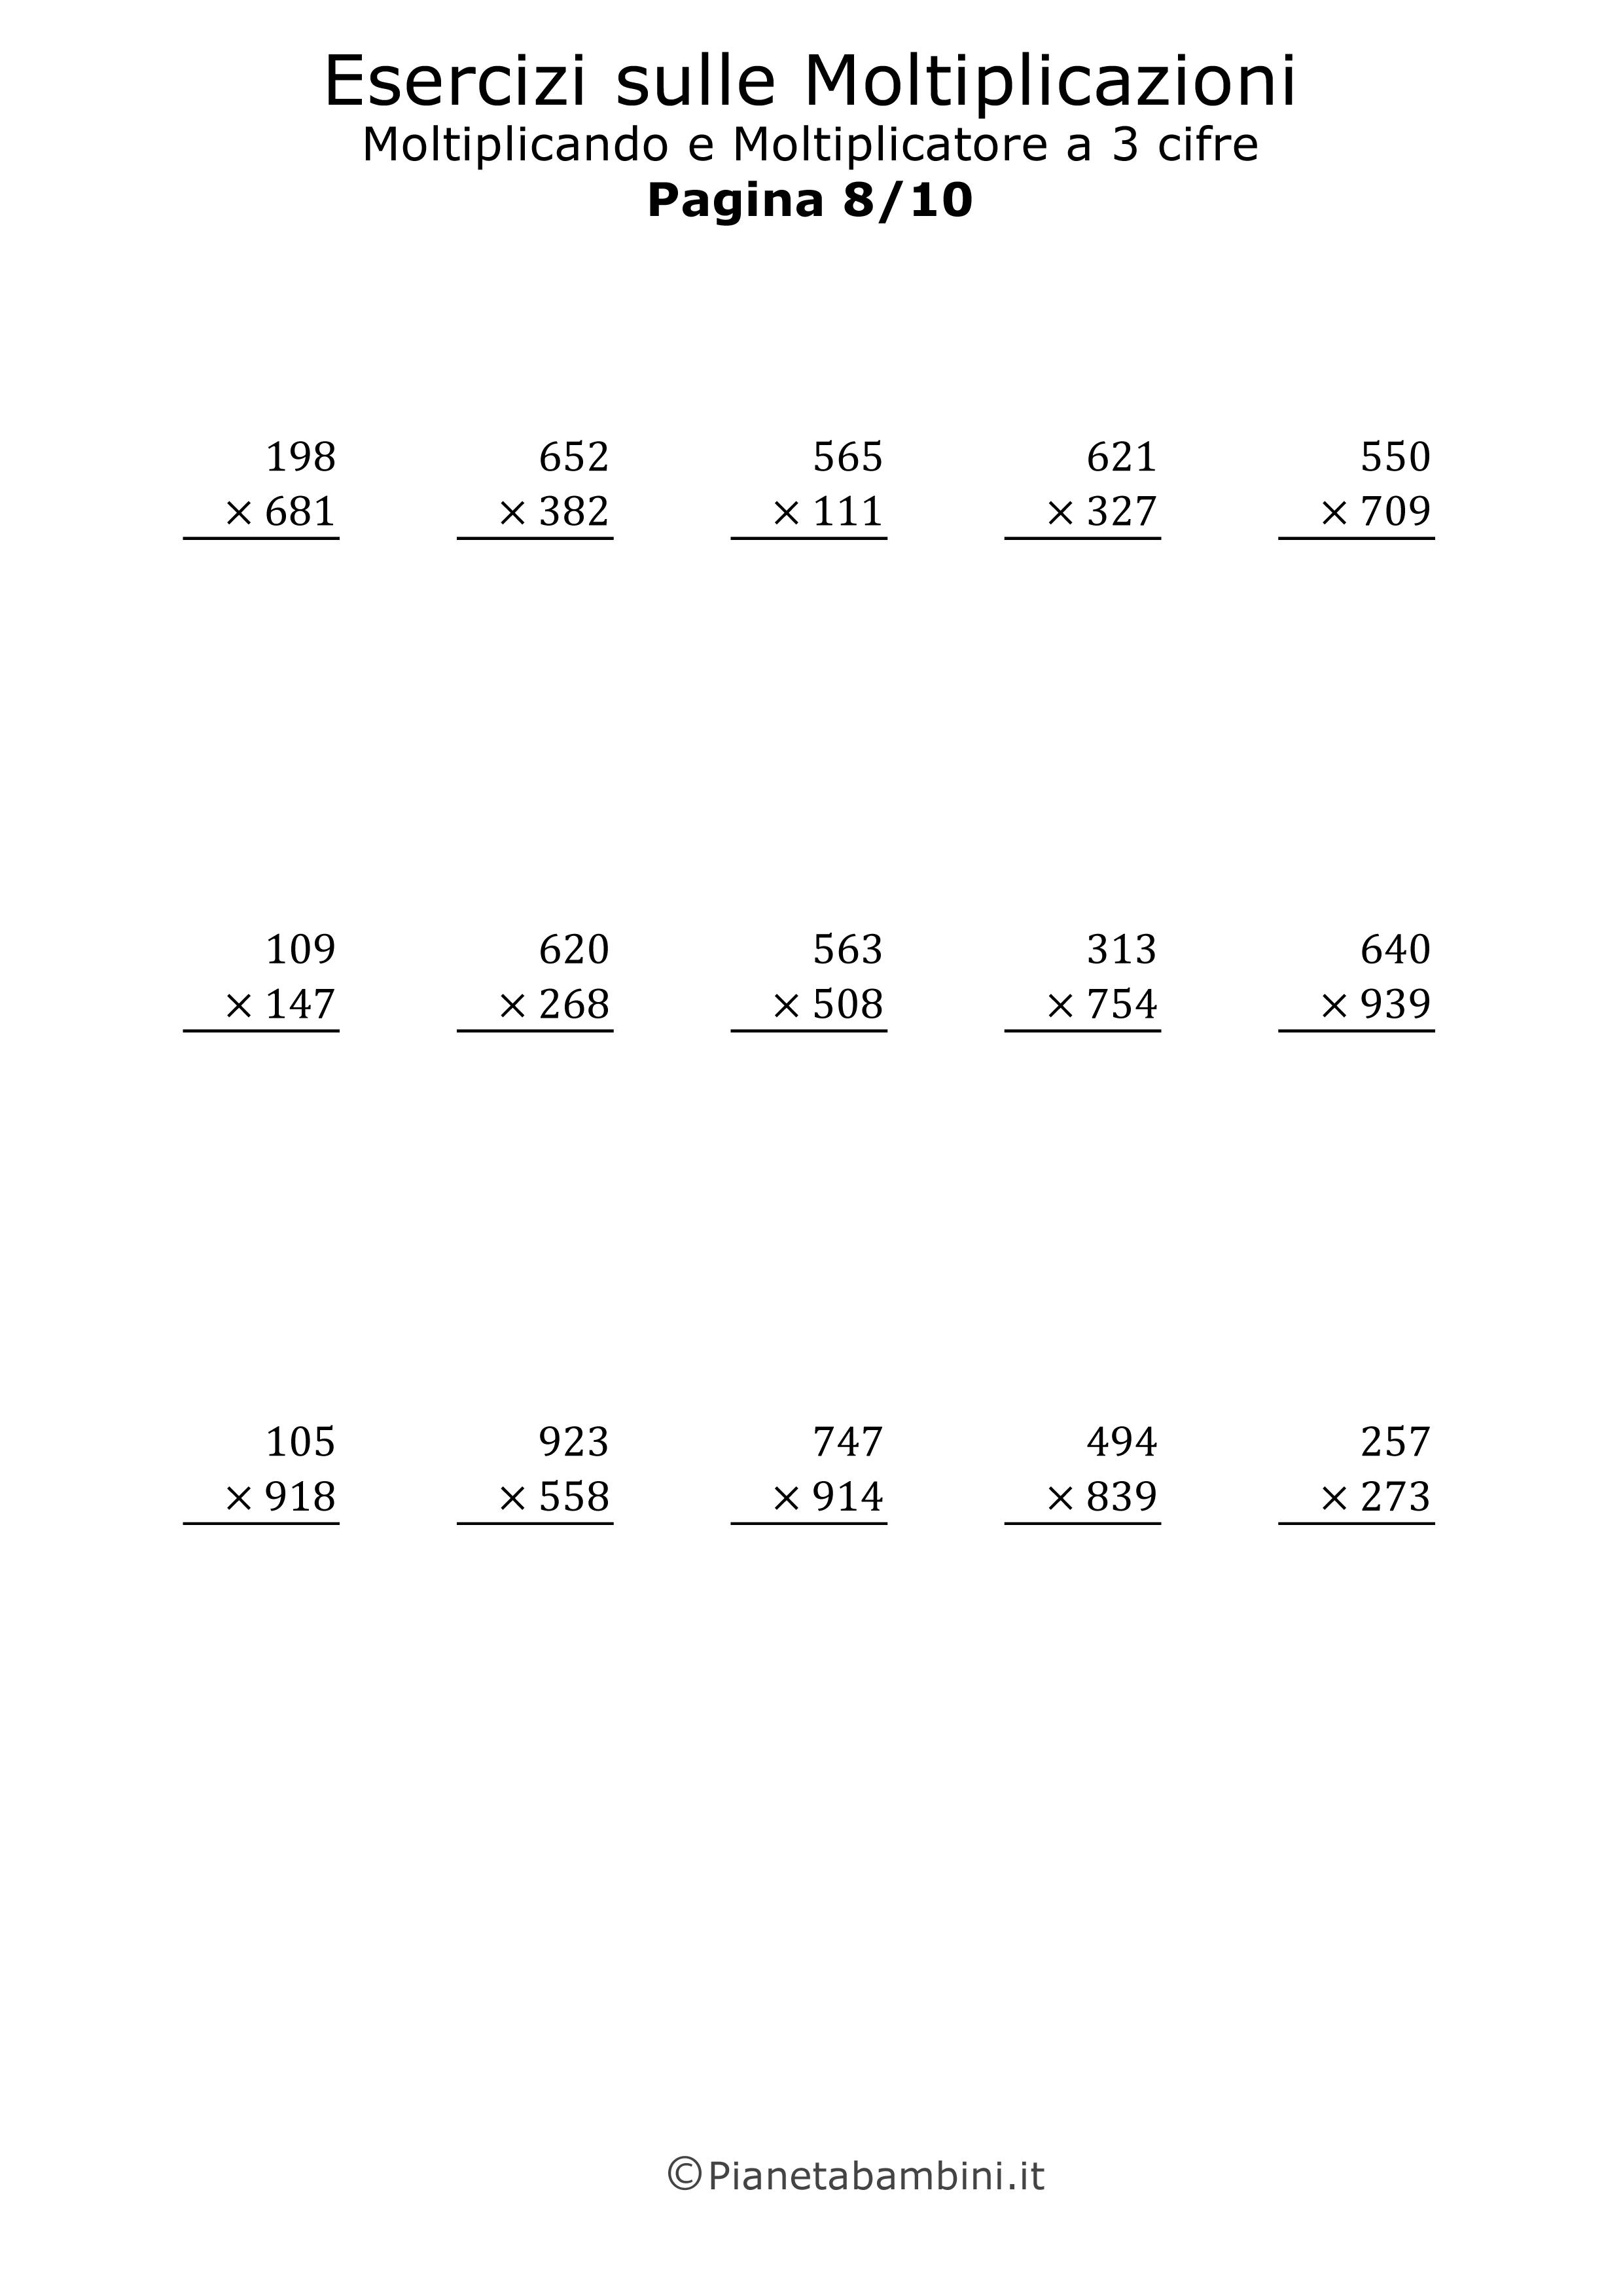 Esercizi-Moltiplicazioni-3-Cifre_08